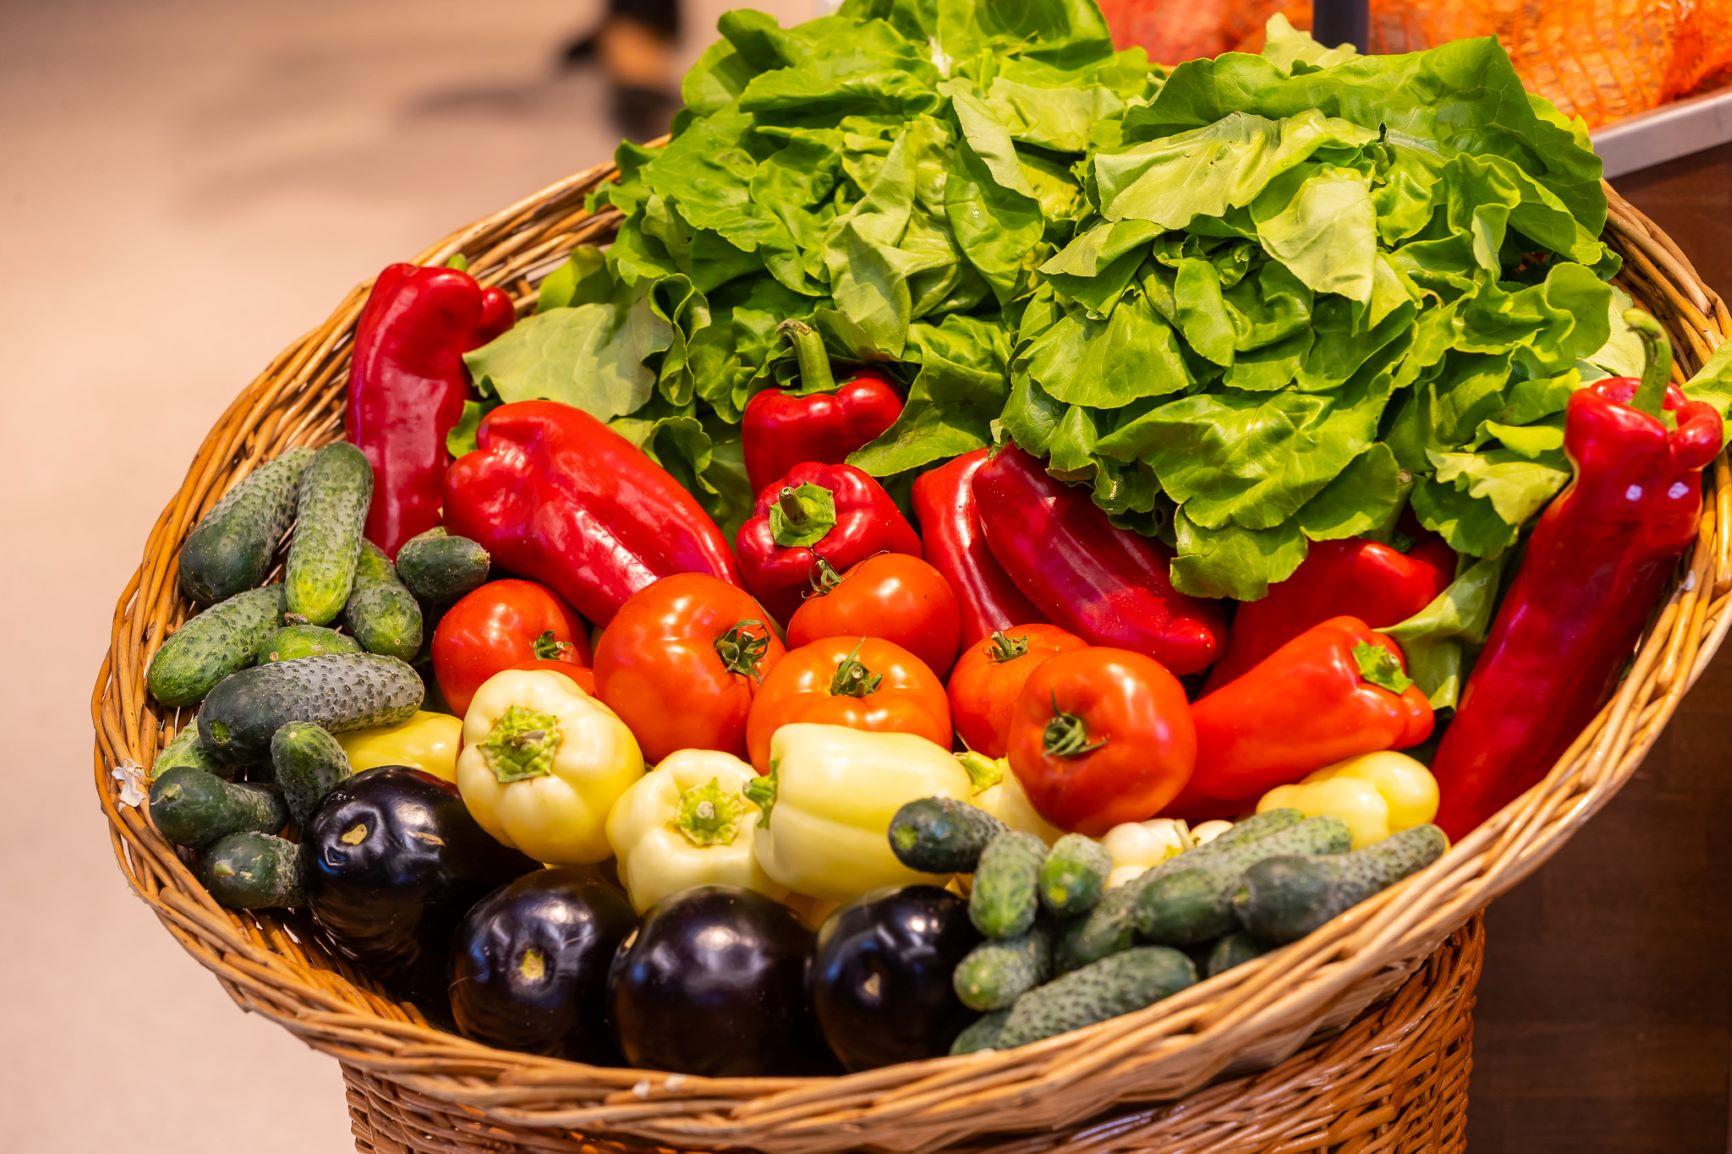 Peste 140 de producatori locali livreaza legume in Mega Image